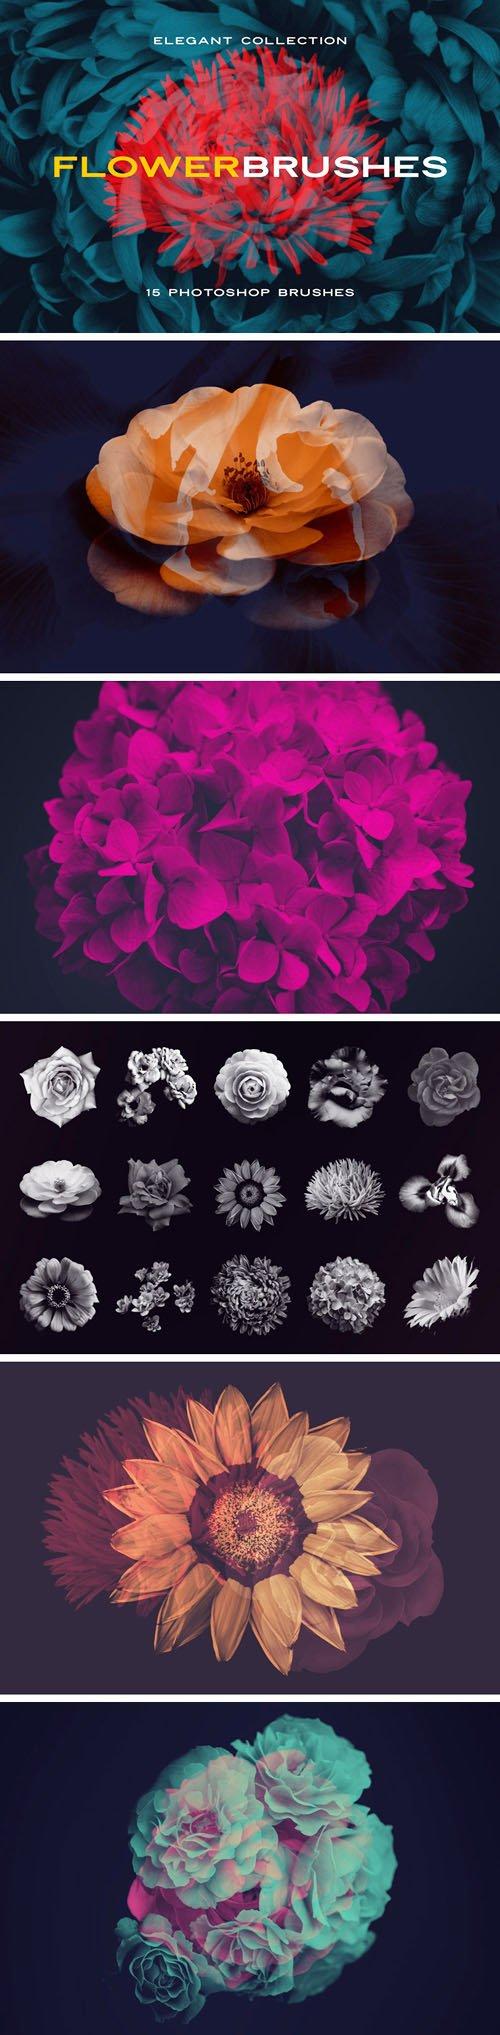 15 Flower Photoshop Brushes